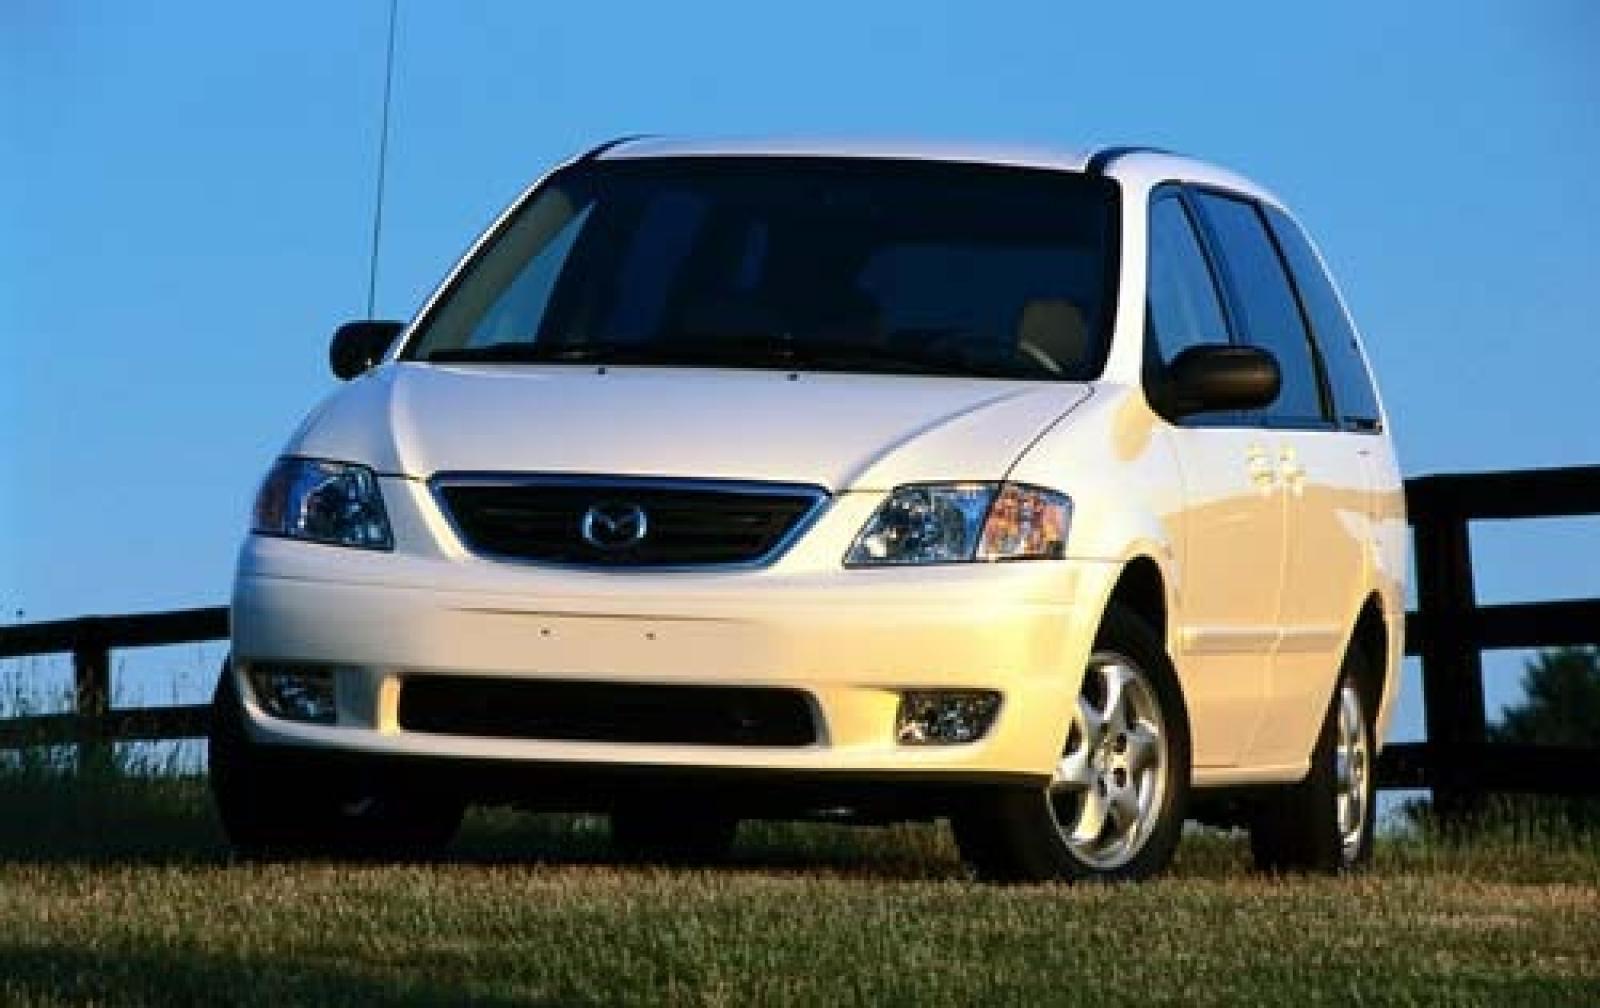 800 1024 1280 1600 origin 2001 Mazda MPV ...